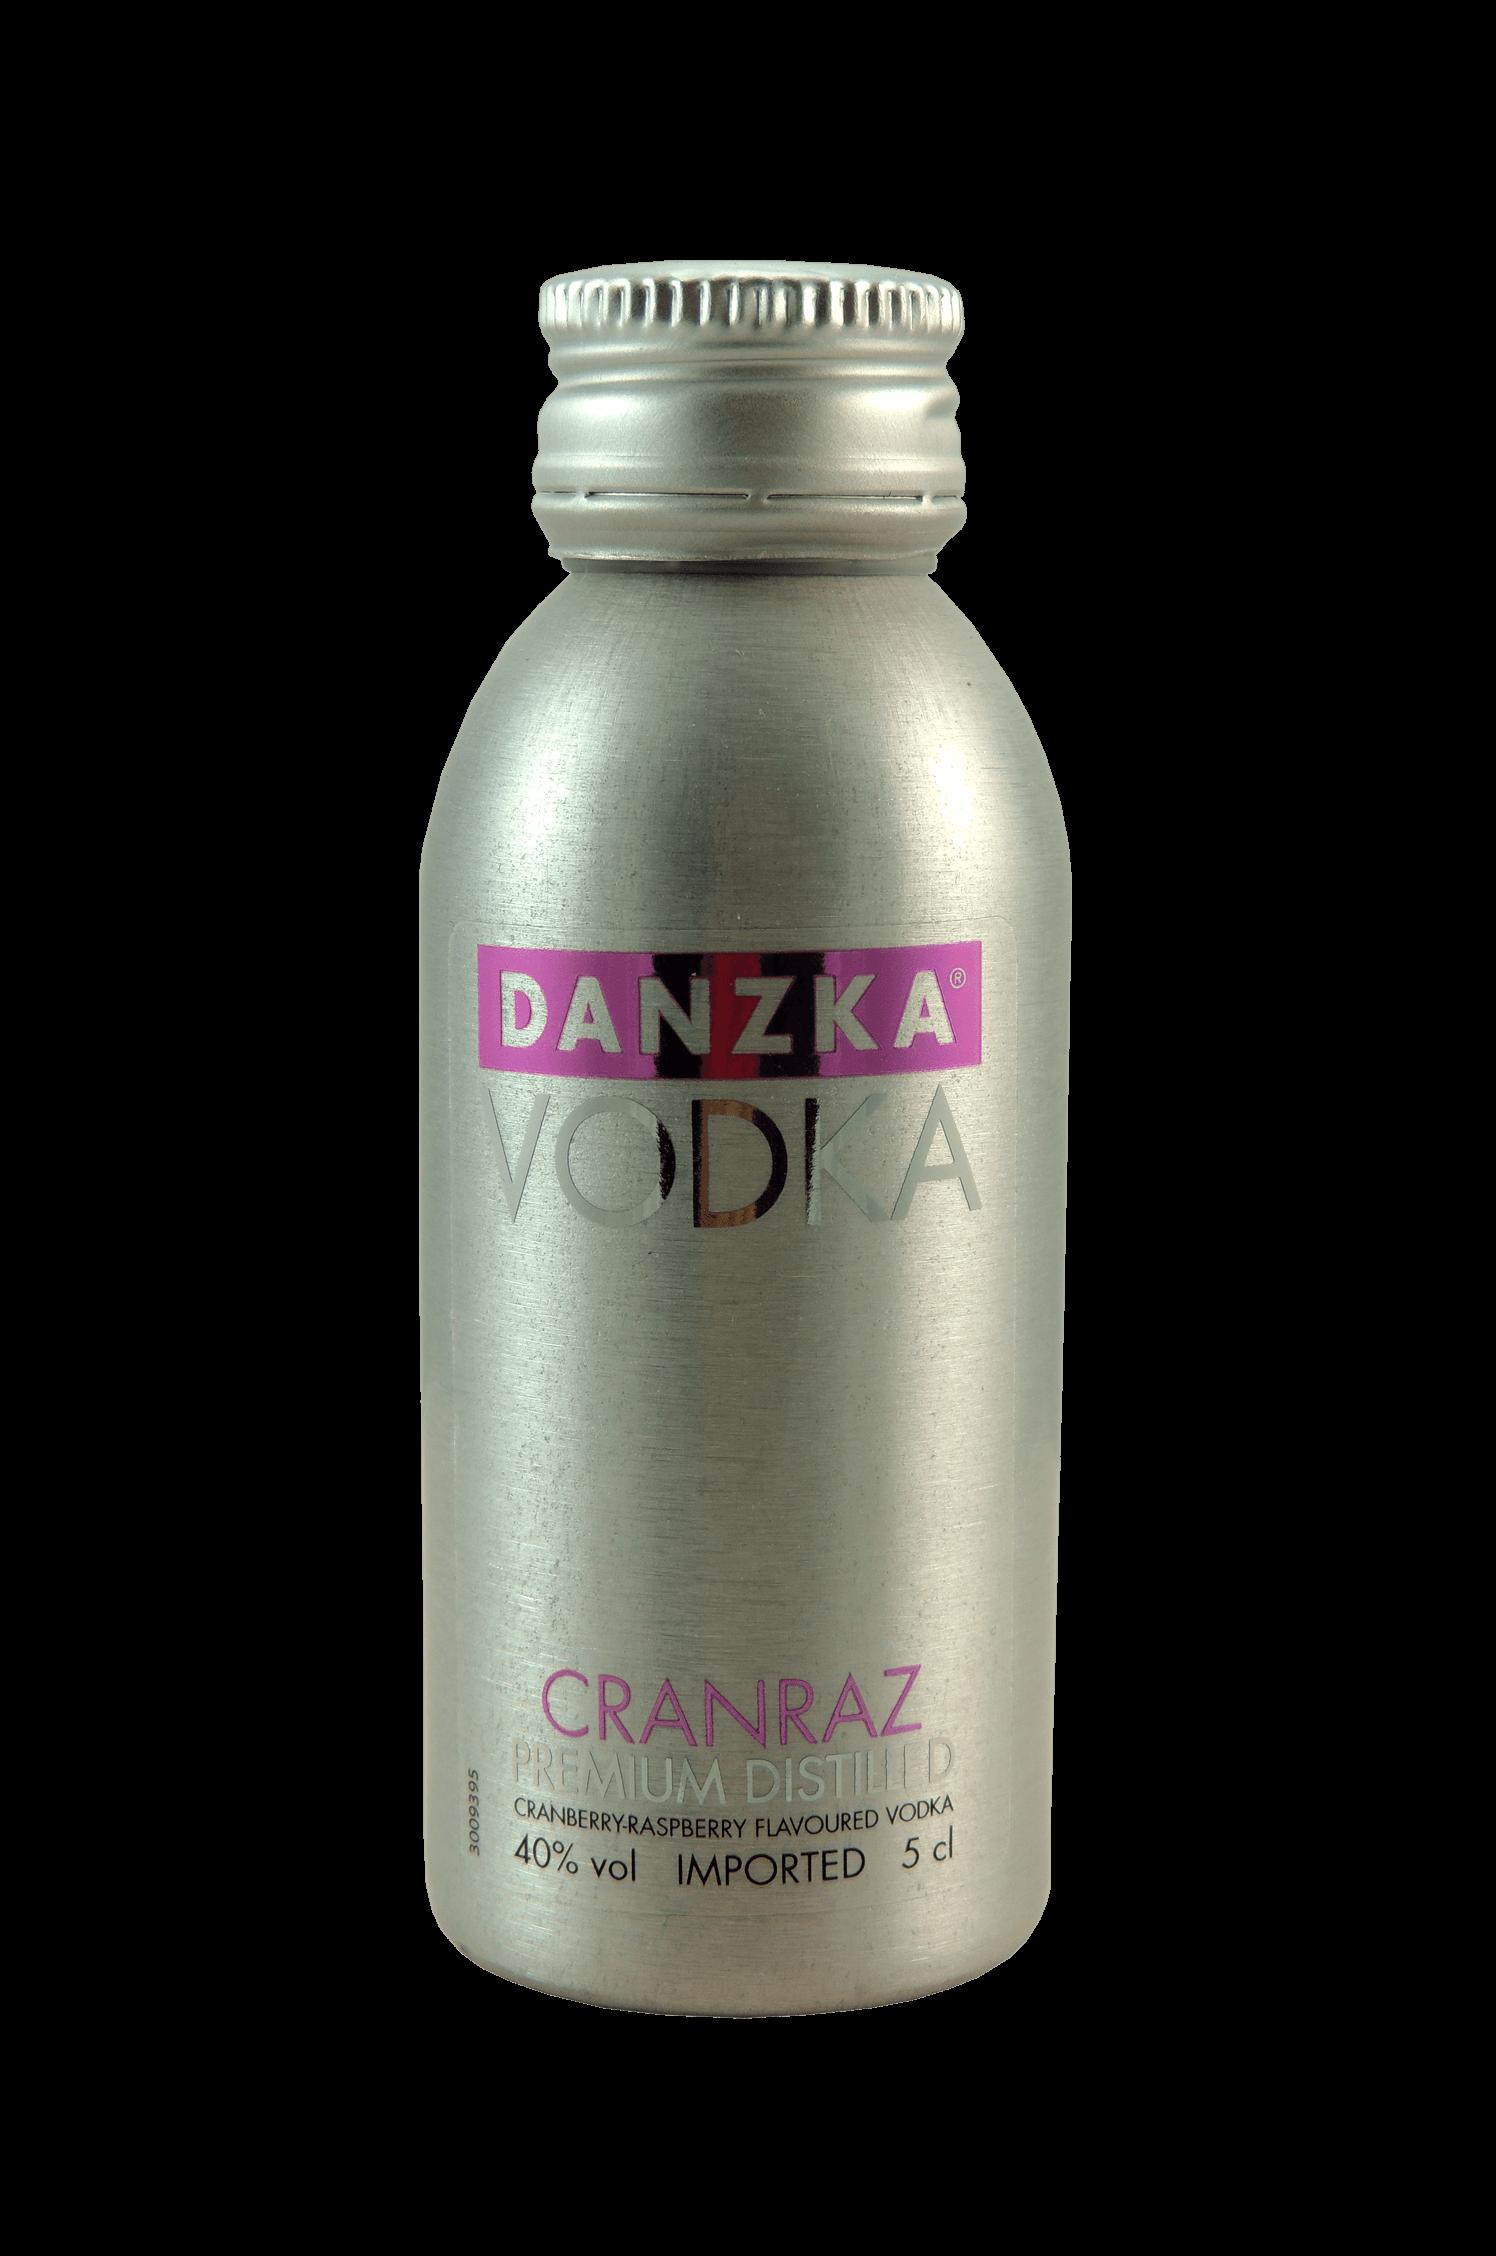 Водка danzka (данска) и ее особенности